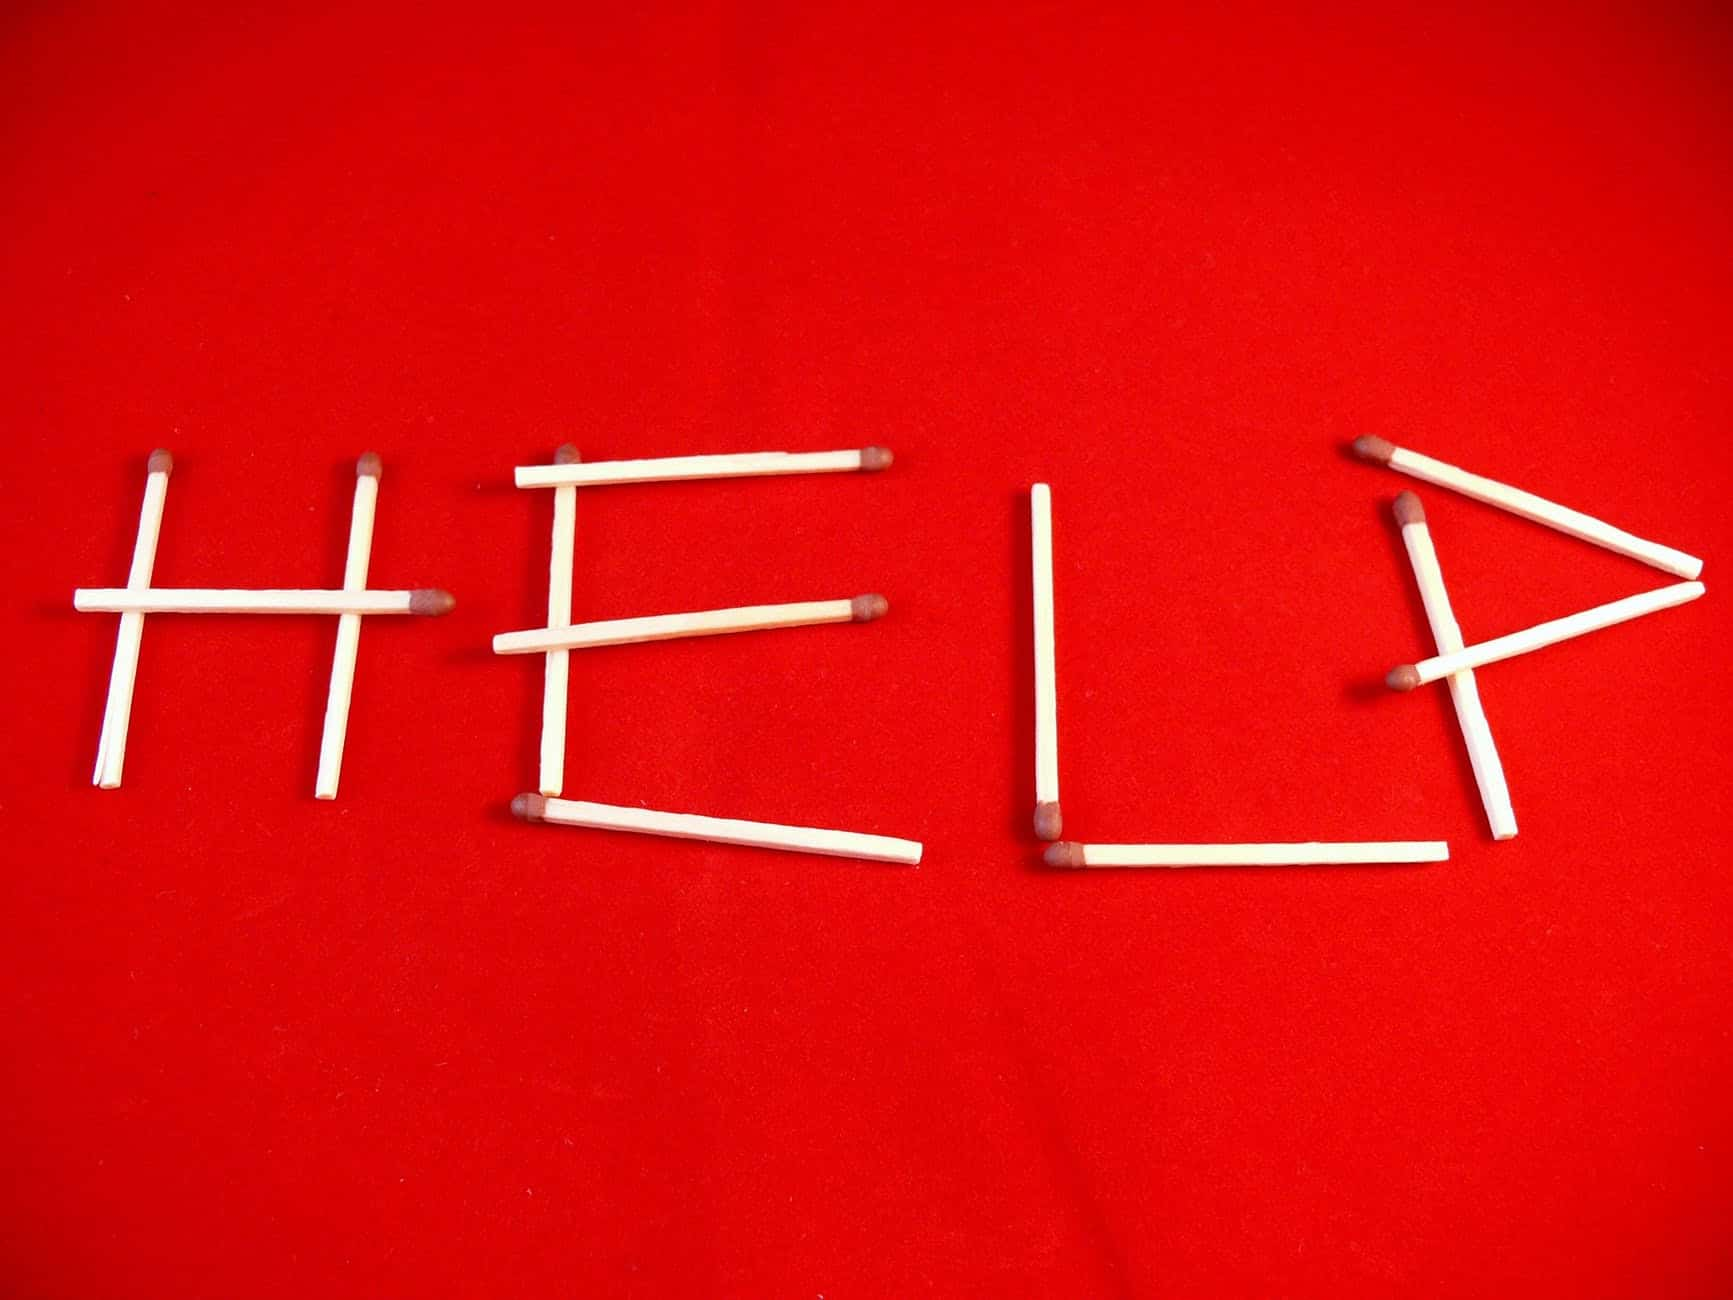 #HELFEN #GESUNDHEIT #HILFE #ANNEHMEN #ABLEHNEN Helfen! Ist es immer richtig anderen zu helfen oder sollte man sich häufiger mal raushalten? Das richtige Maß für Hilfe finden. Hilft es eventuell mehr, dass man die Dinge sich selbst überlässt? Wann sind Freunde und Familie gut und wann ist eigene Stärke gefragt? #Selbstwertgefühl